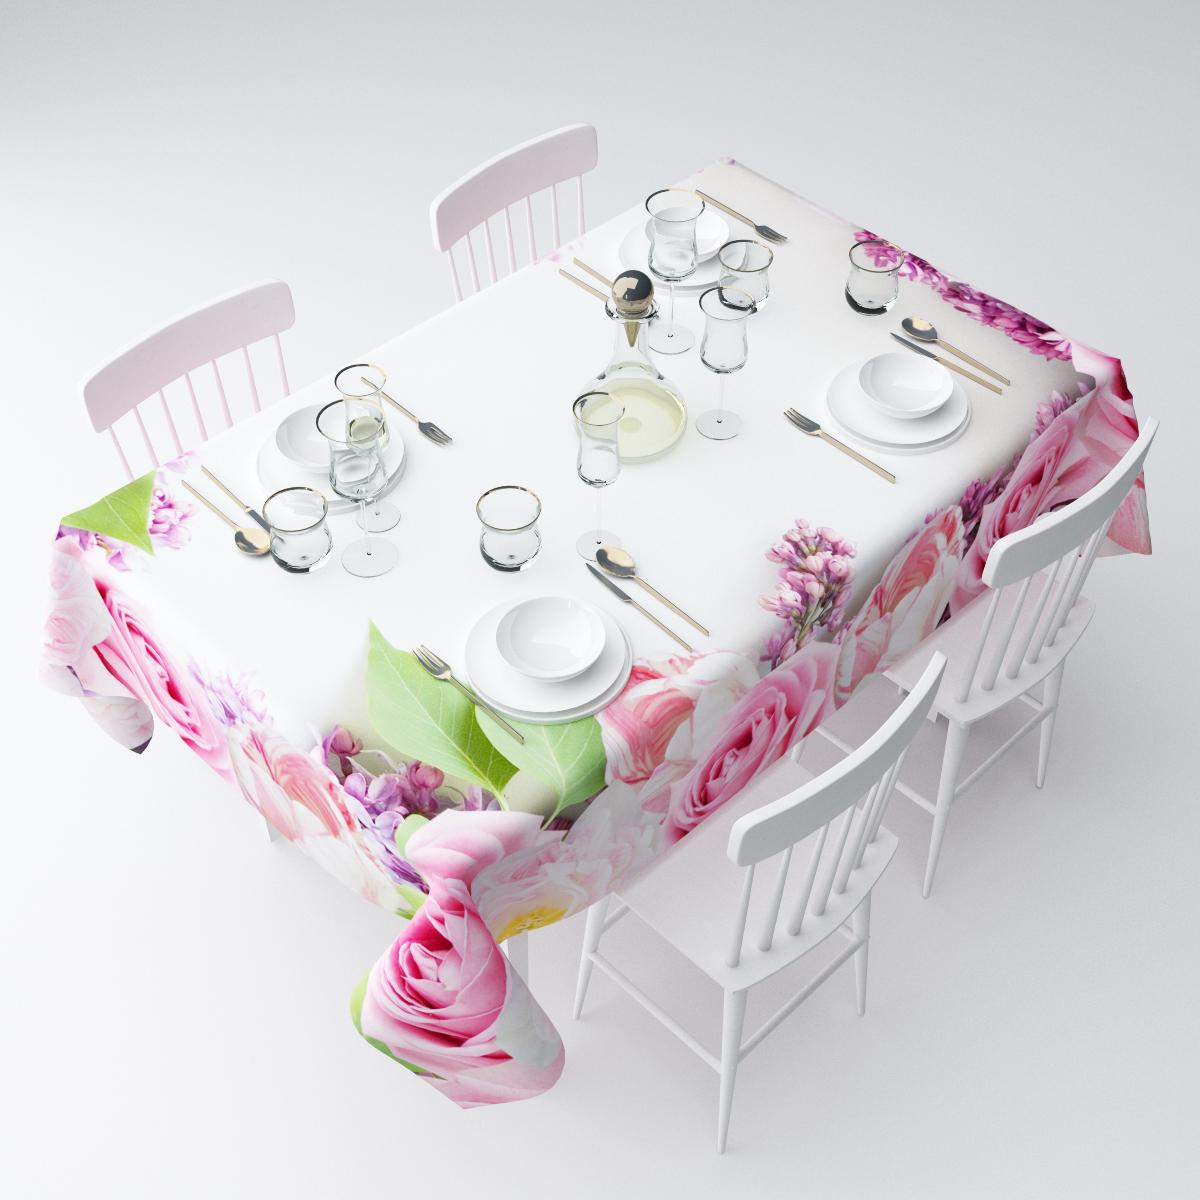 Скатерть Сирень Розовые цветы, прямоугольная, 145 х 220 смСКГБ004-04514Прямоугольная скатерть Сирень Розовые цветы, выполненная из габардина с ярким рисунком, преобразит вашу кухню, визуально расширит пространство, создаст атмосферу радости и комфорта. Рекомендации по уходу: стирка при 30 градусах, гладить при температуре до 110 градусов.Размер скатерти: 145 х 220 см. Изображение может немного отличаться от реального.